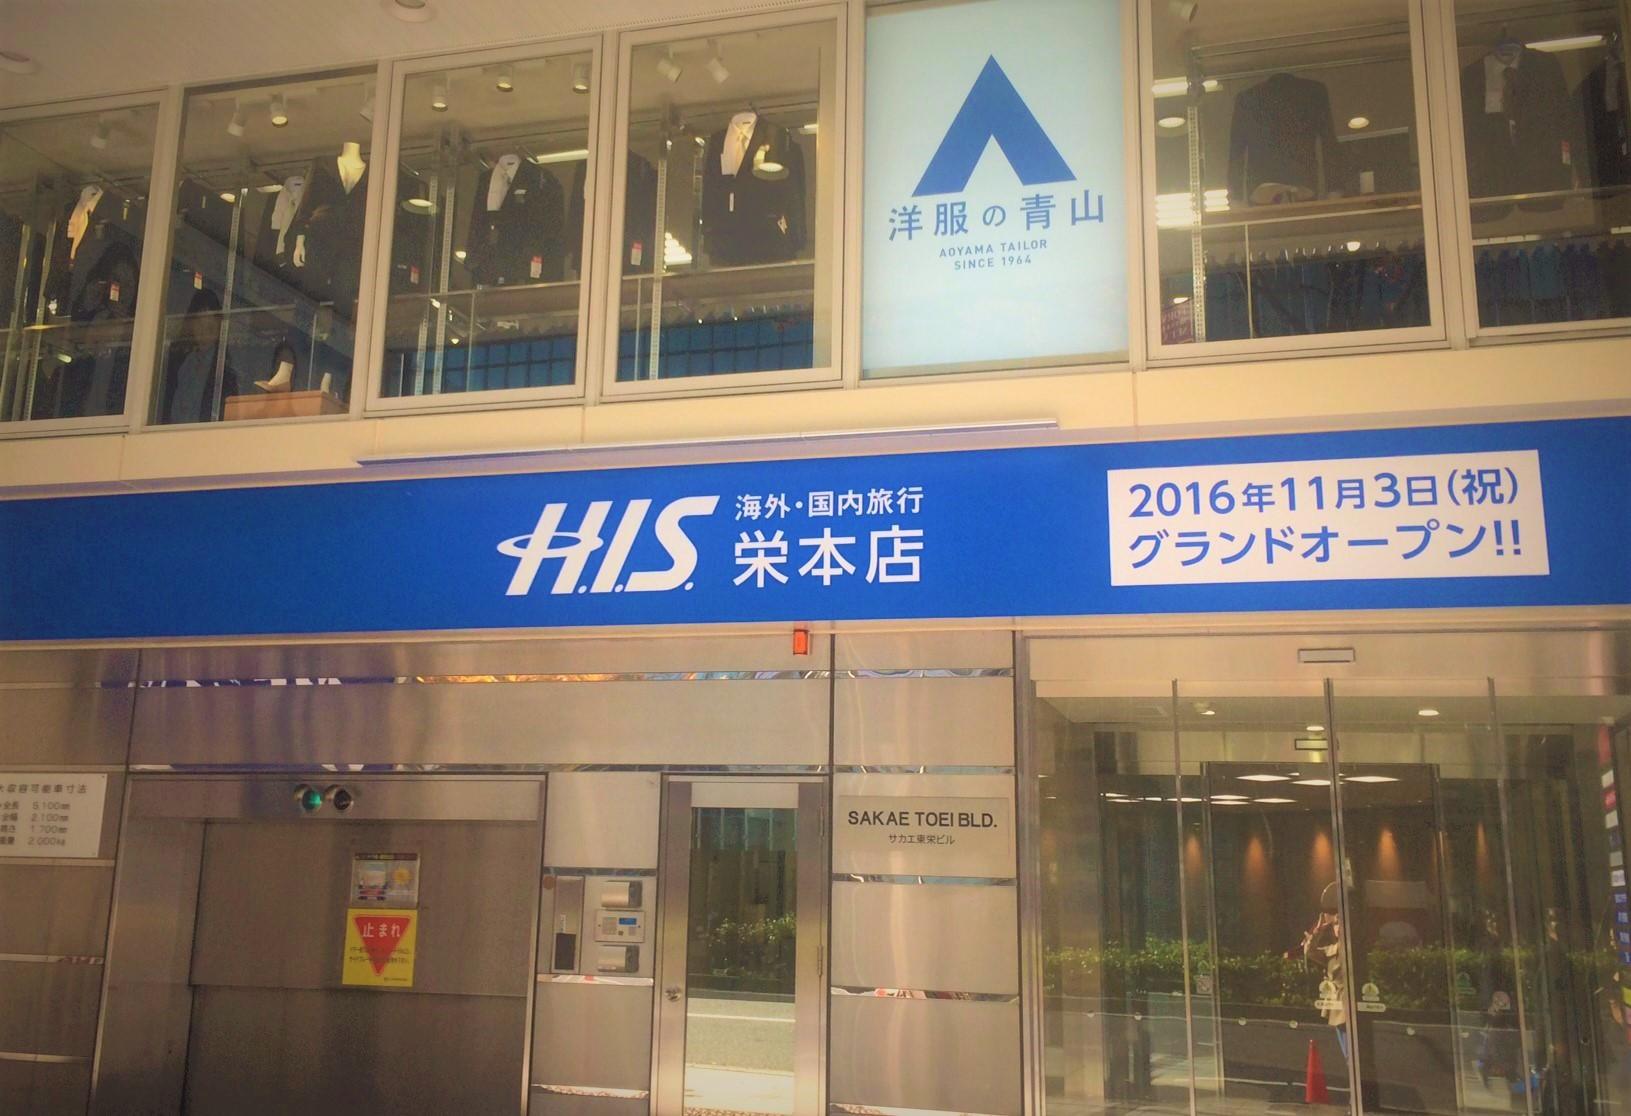 ハワイのホテルを疑似体験?話題のVRを『H.I.S.栄本店』で体験してきた - tenpo